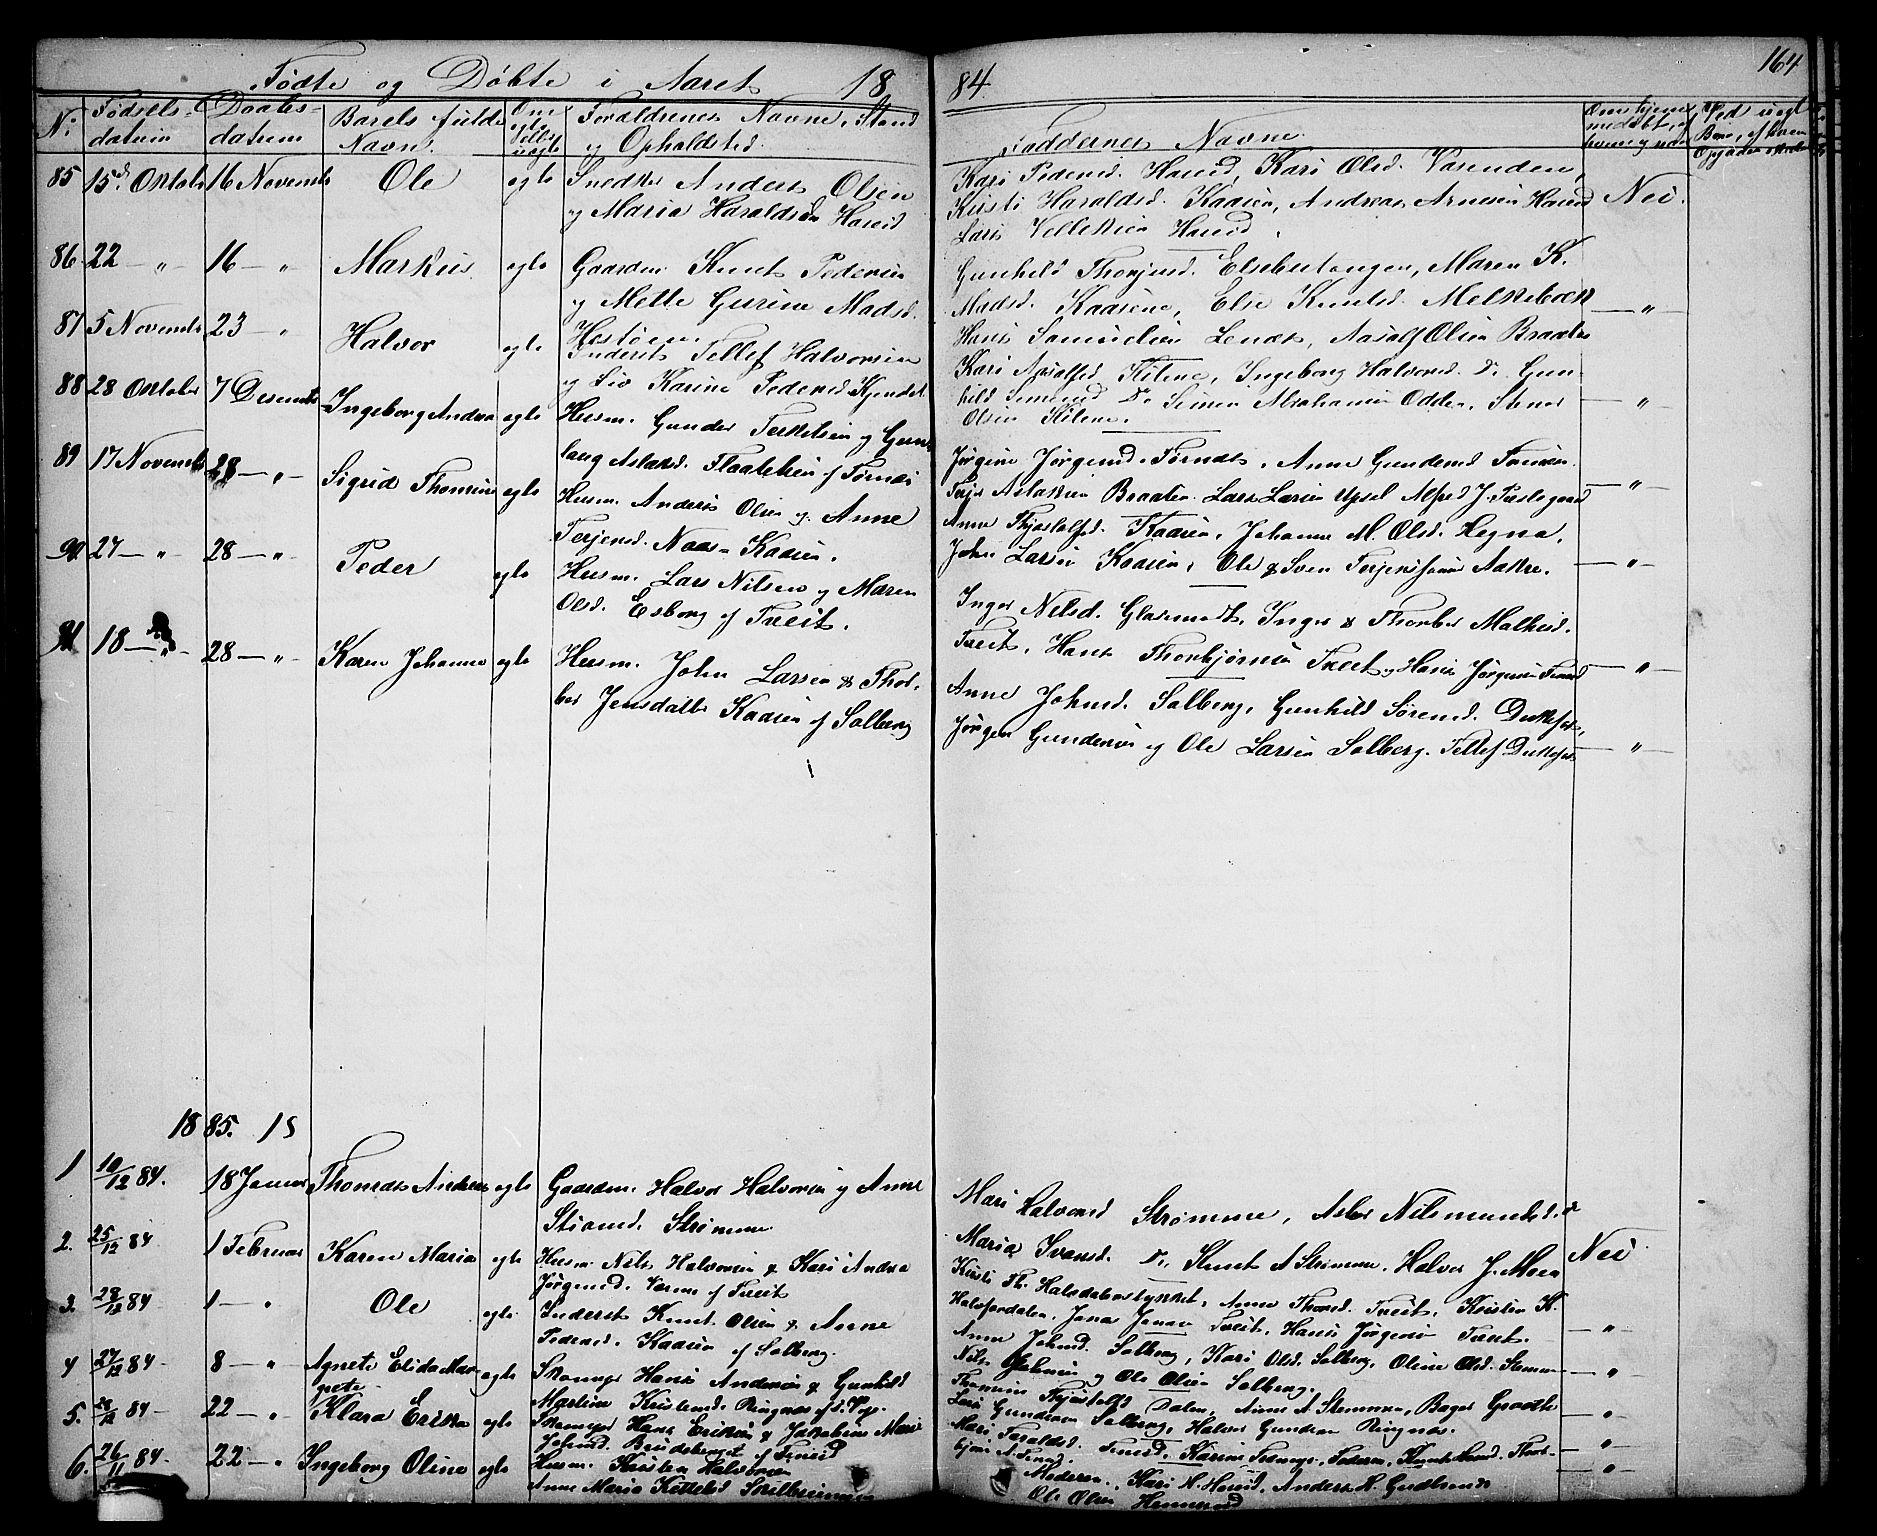 SAKO, Drangedal kirkebøker, G/Ga/L0002: Klokkerbok nr. I 2, 1856-1887, s. 164